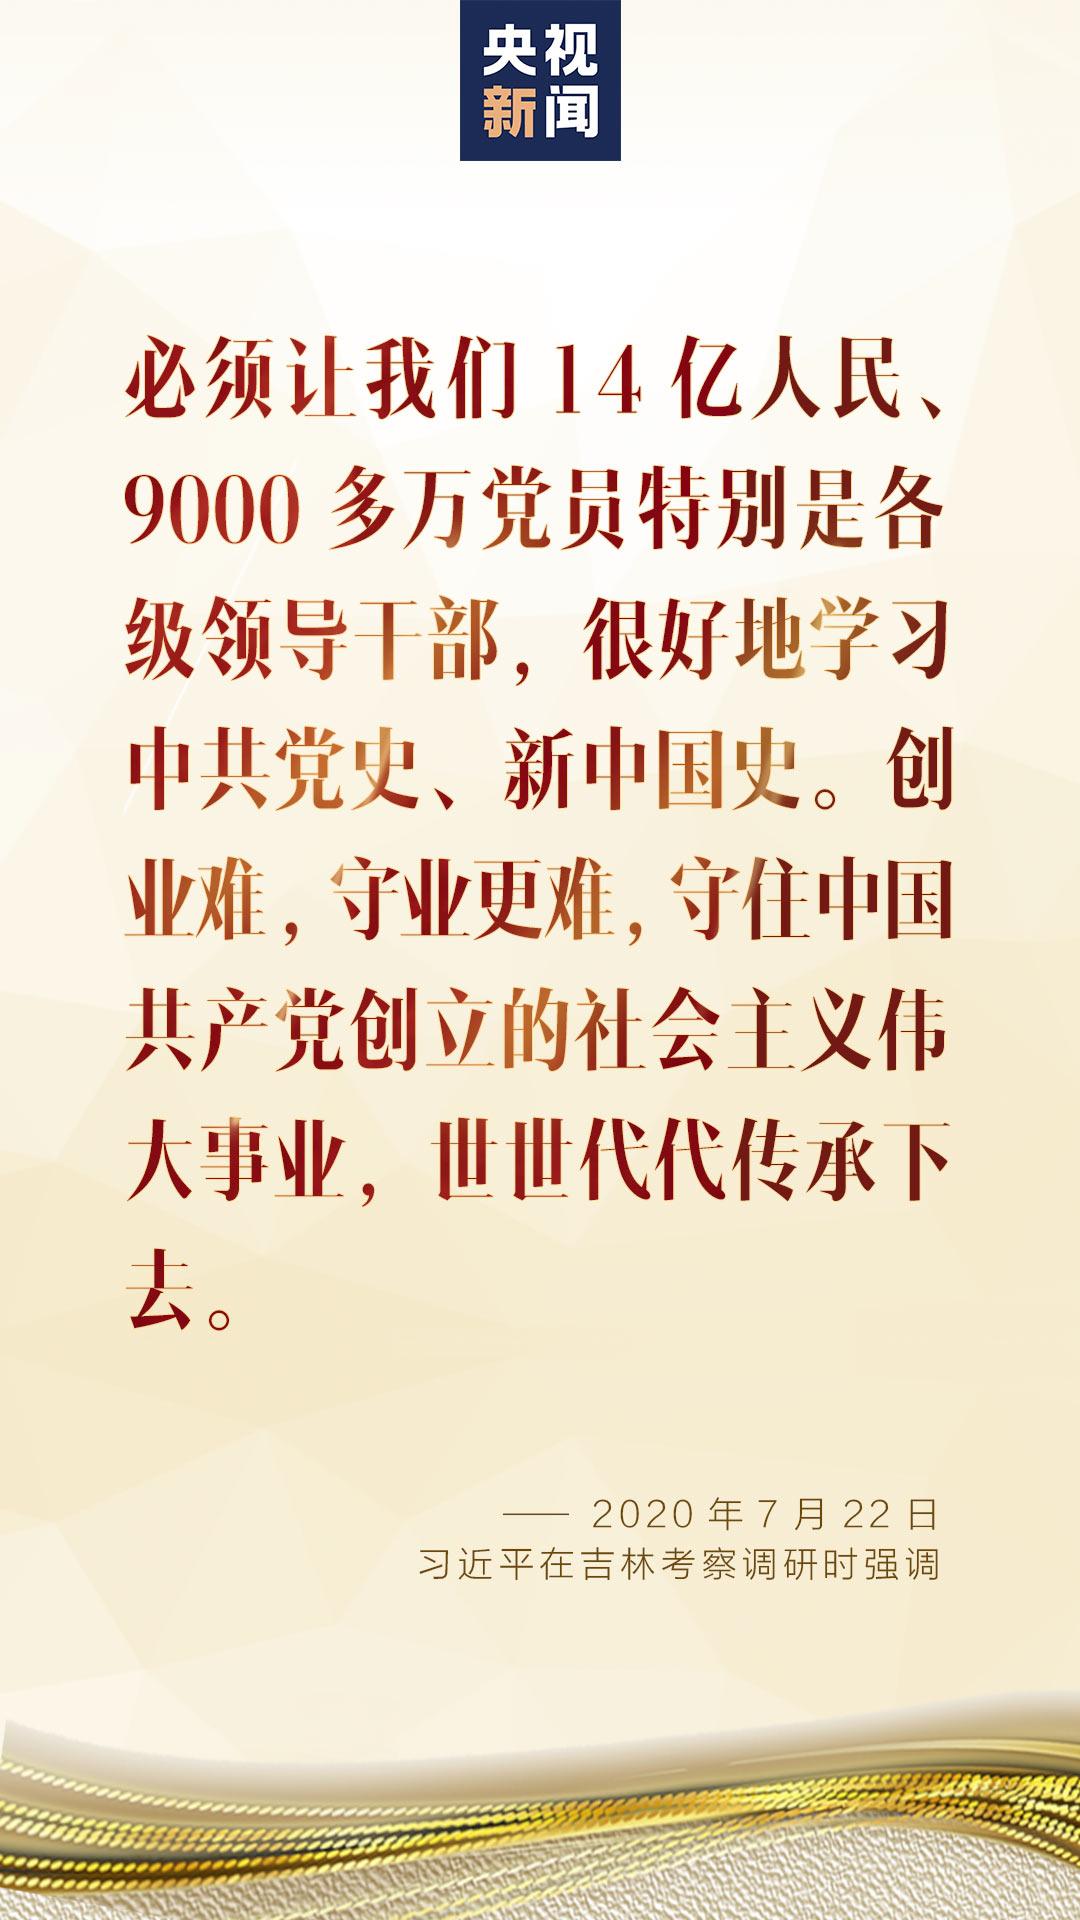 独家视频丨习近平:要守住中国共产党创立的伟大事业